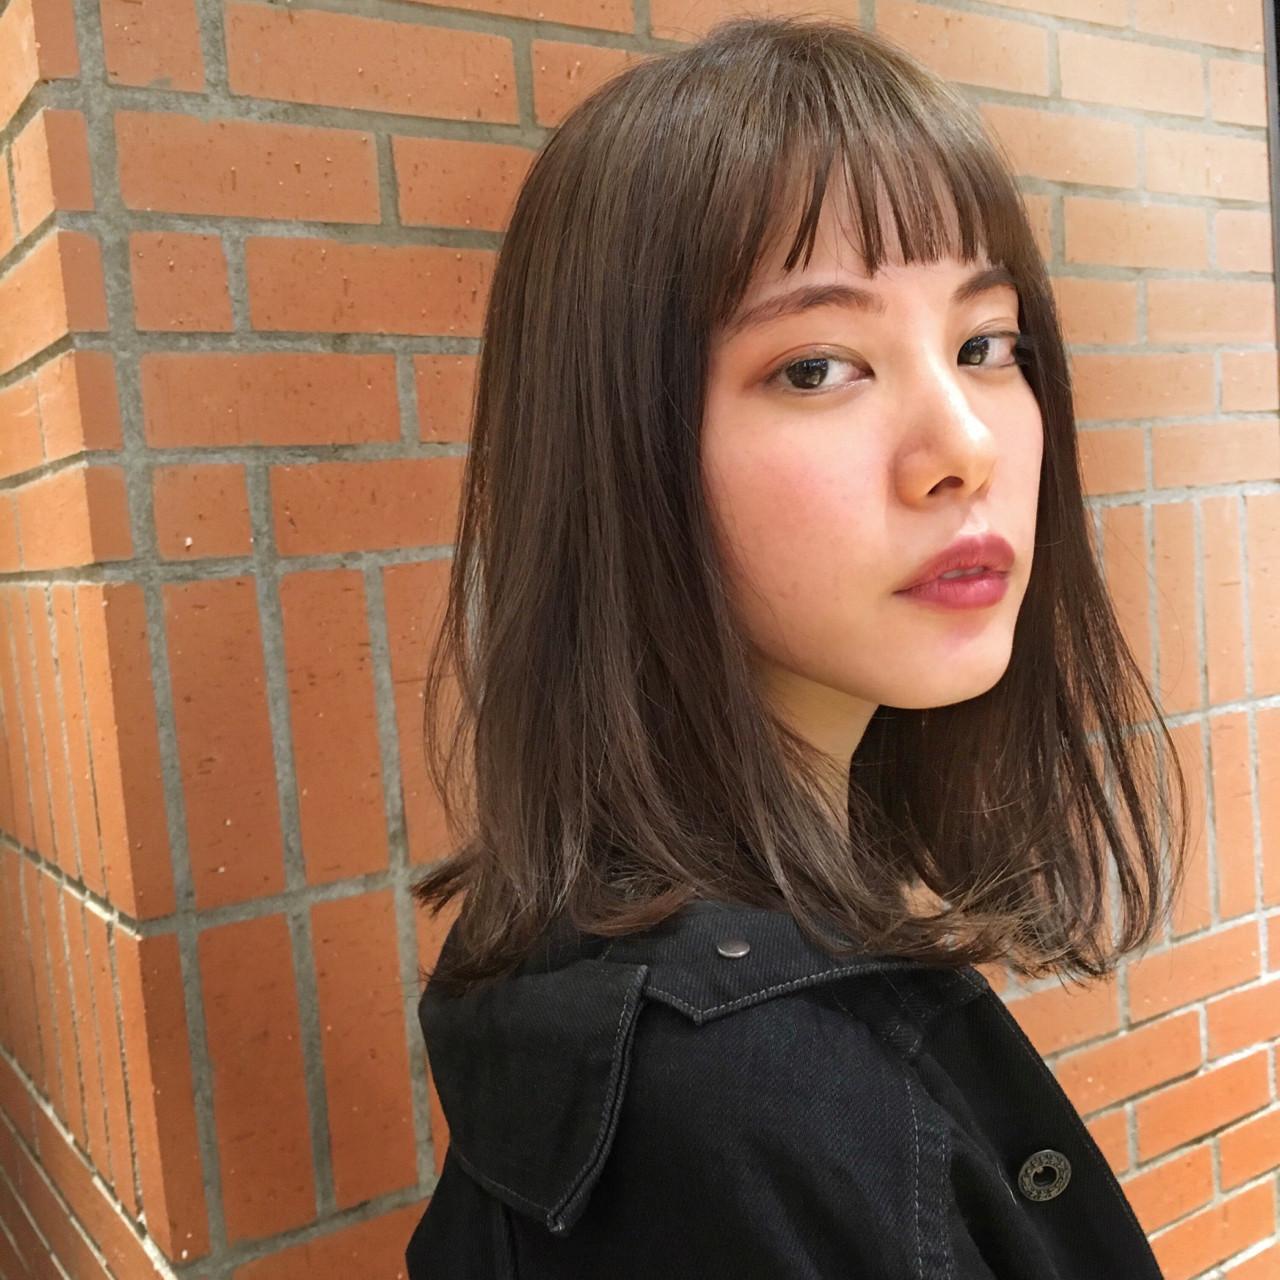 ストレート 黒髪 暗髪 ミディアム ヘアスタイルや髪型の写真・画像 | lora.garden 細田真吾 / lora.garden